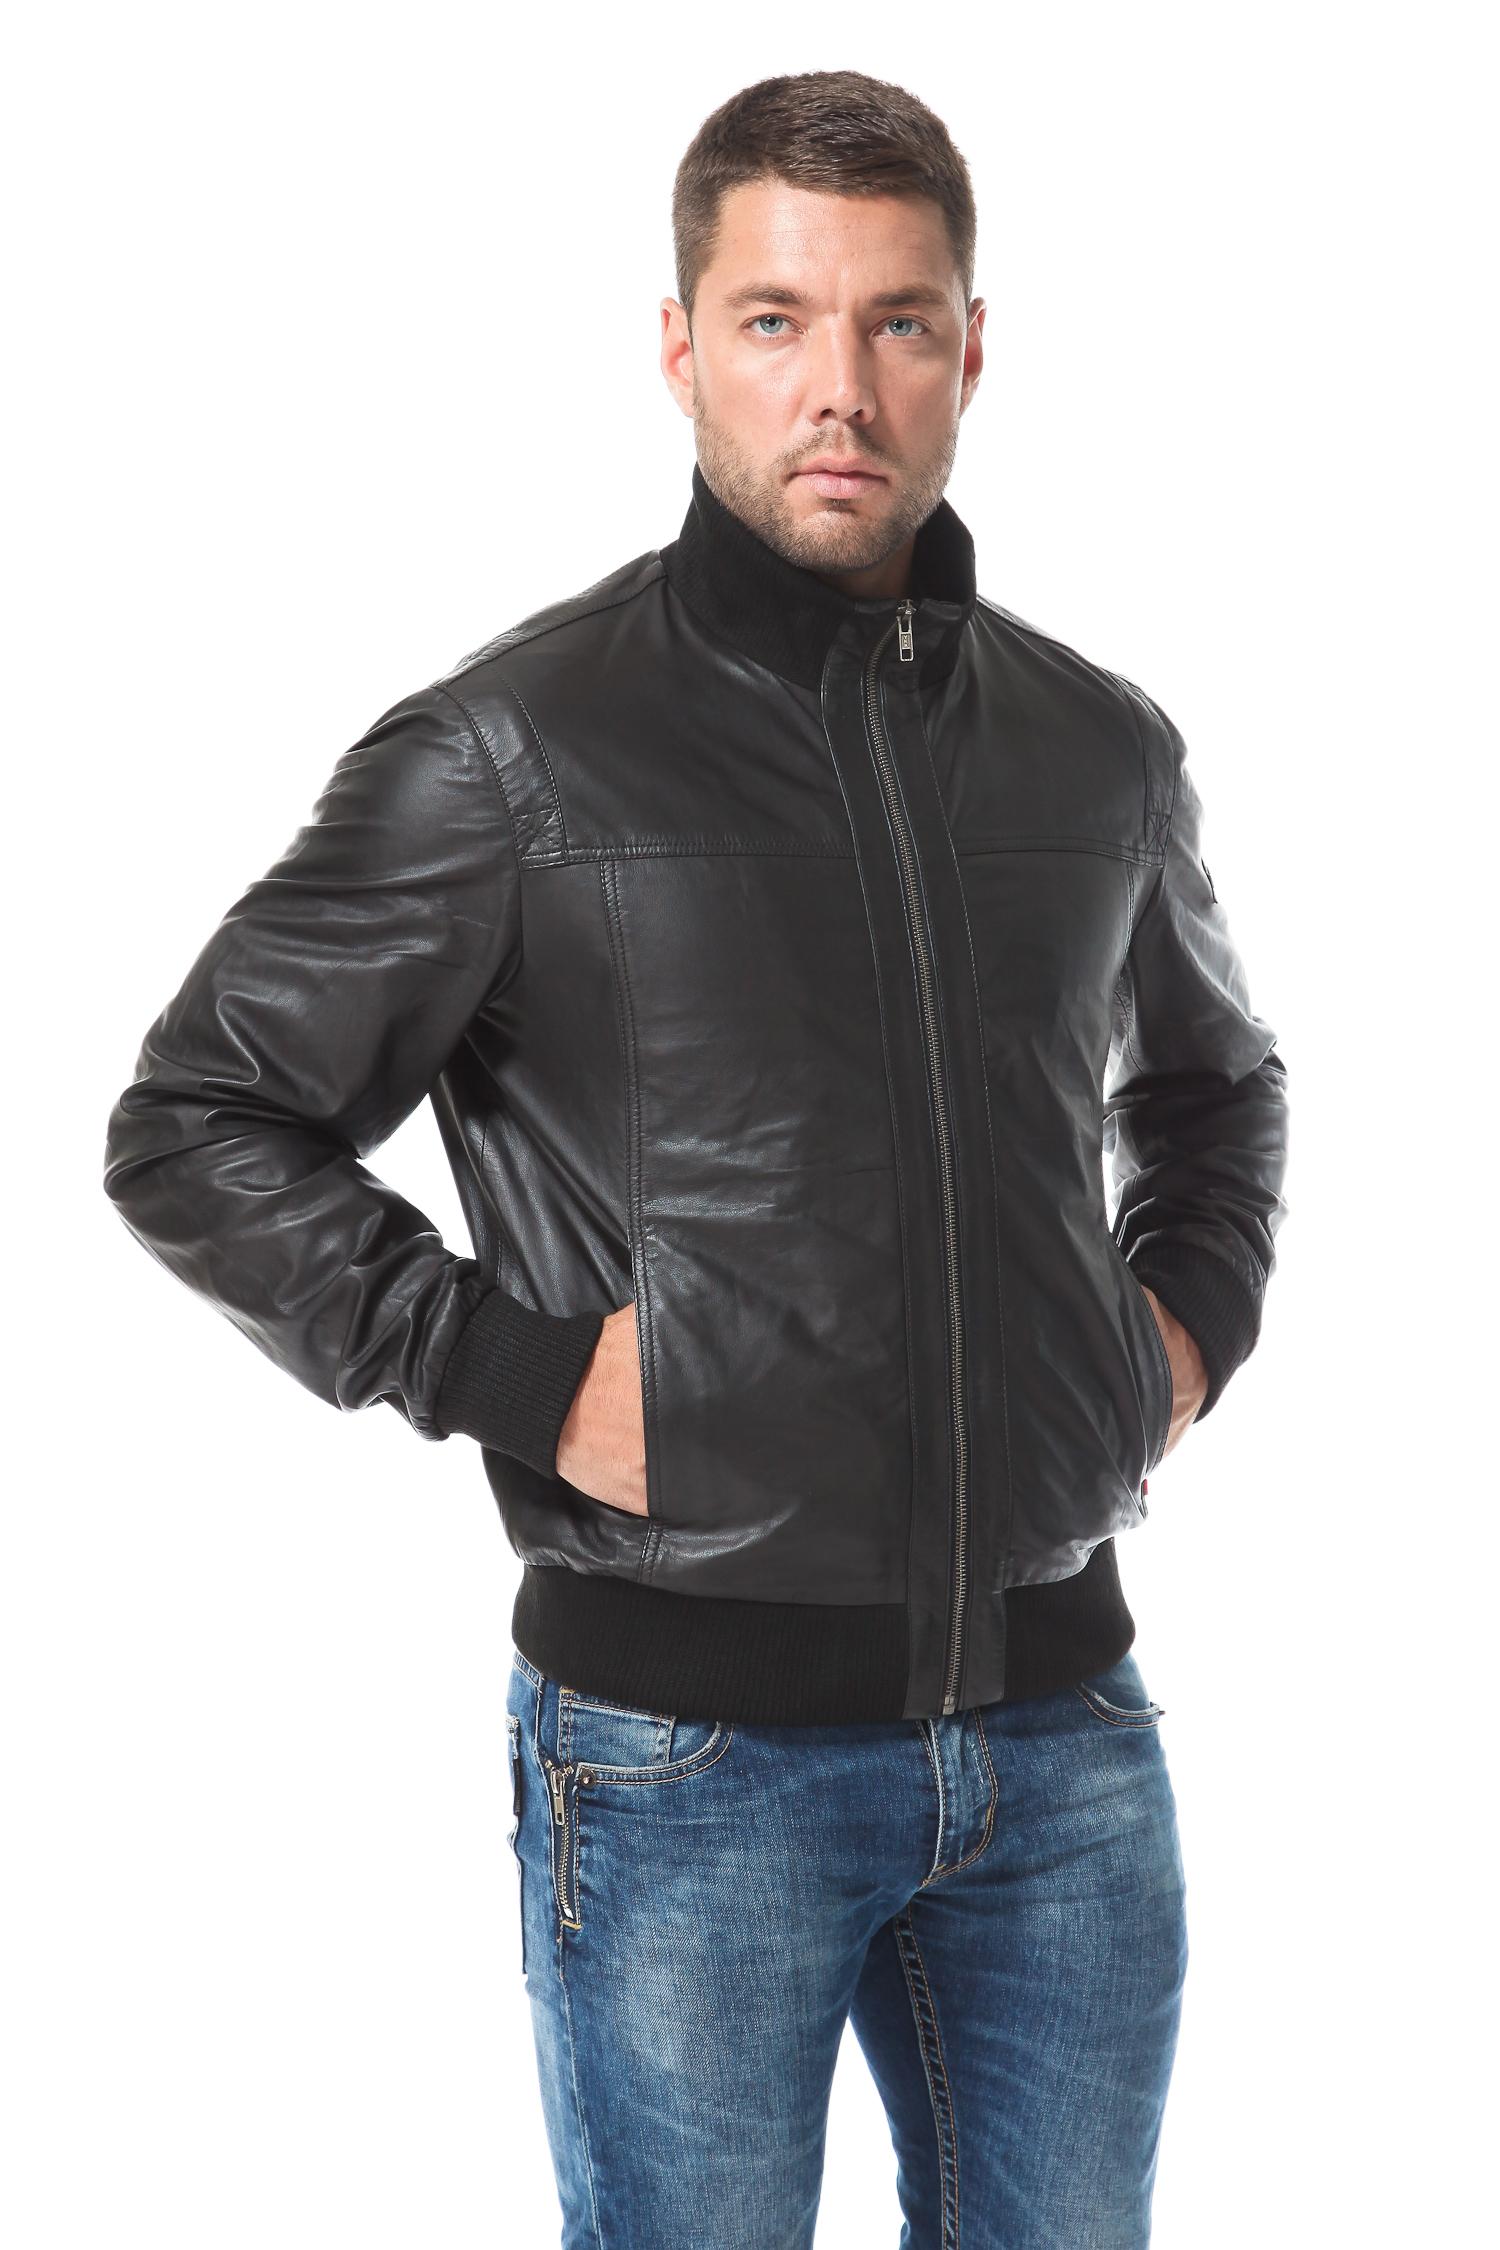 Мужская кожаная куртка из натуральной кожи с воротником, без отделкиЦвет  угольно черный.<br><br>Куртка изготовлена из специально выделанной кожи молодого ягненка - ПЛОНЖЕ. Подкладка выполнена из полиэстера.<br><br>Плотная трикотажная резинка нижнего края изделия, а так же воротника и манжет, поможет ощущать себя очень уютно и комфортно, одновременно являясь на протяжении нескольких сезонов актуальным трендом. Крой построен на прямых, геометричных линиях. Лаконичный силуэт, минимум деталей - данная модель выгодно отличается практичностью ифункциональностью.<br><br>Материал: Кожа овчина<br>Воротник: стойка<br>Цвет: черный<br>Длина см: Короткая (51-74 )<br>Пол: Мужской<br>Размер RU: 46